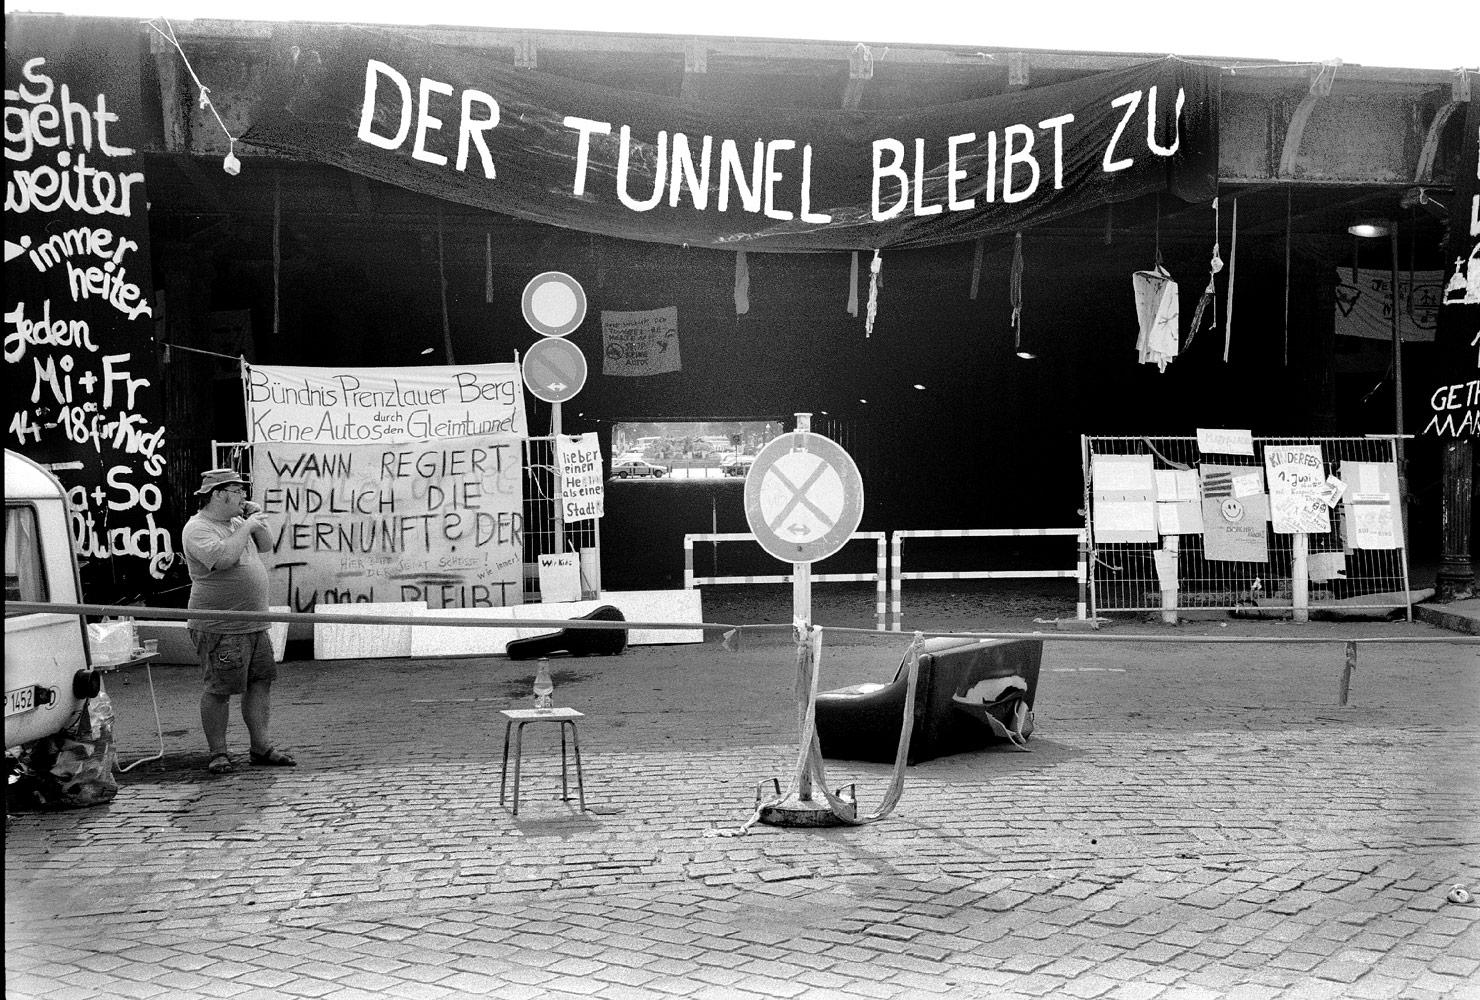 Gesperrter Tunnel